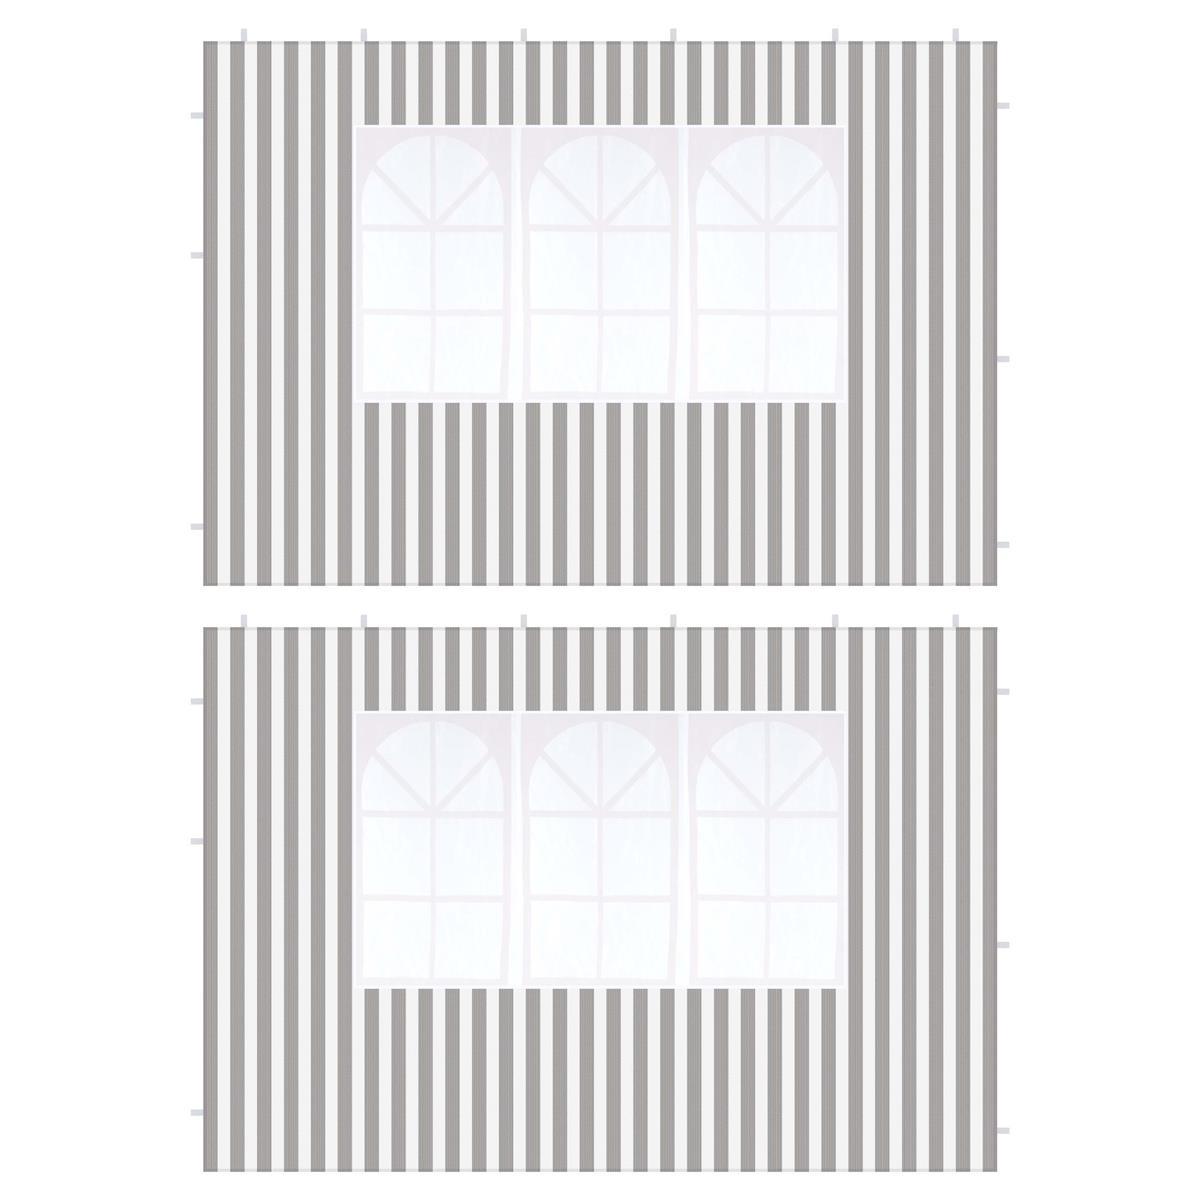 2 Seitenteile 3m für Pavillon PE Seitenwände anthrazit Fenster 100 g/m² wasserdi